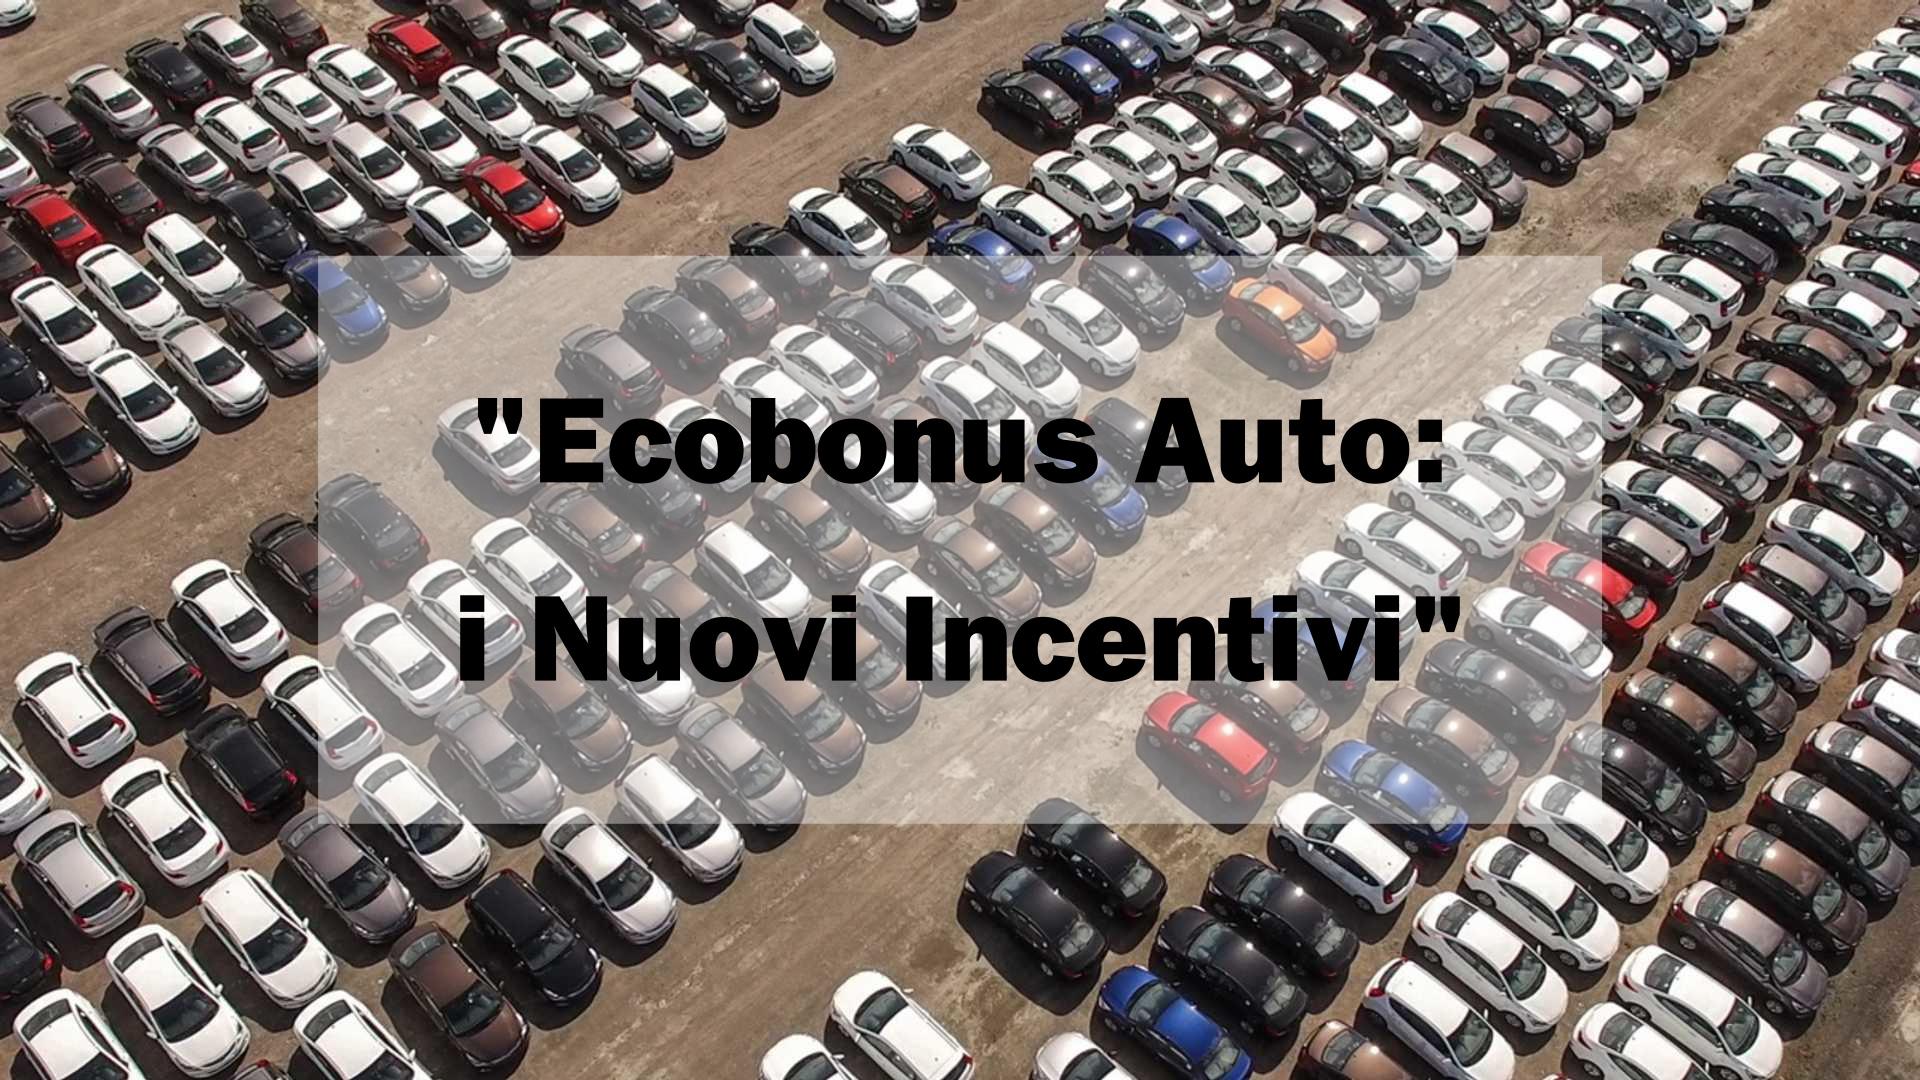 Ecobonus Auto 2021: rifinanziati 350 milioni…ecco nel dettaglio